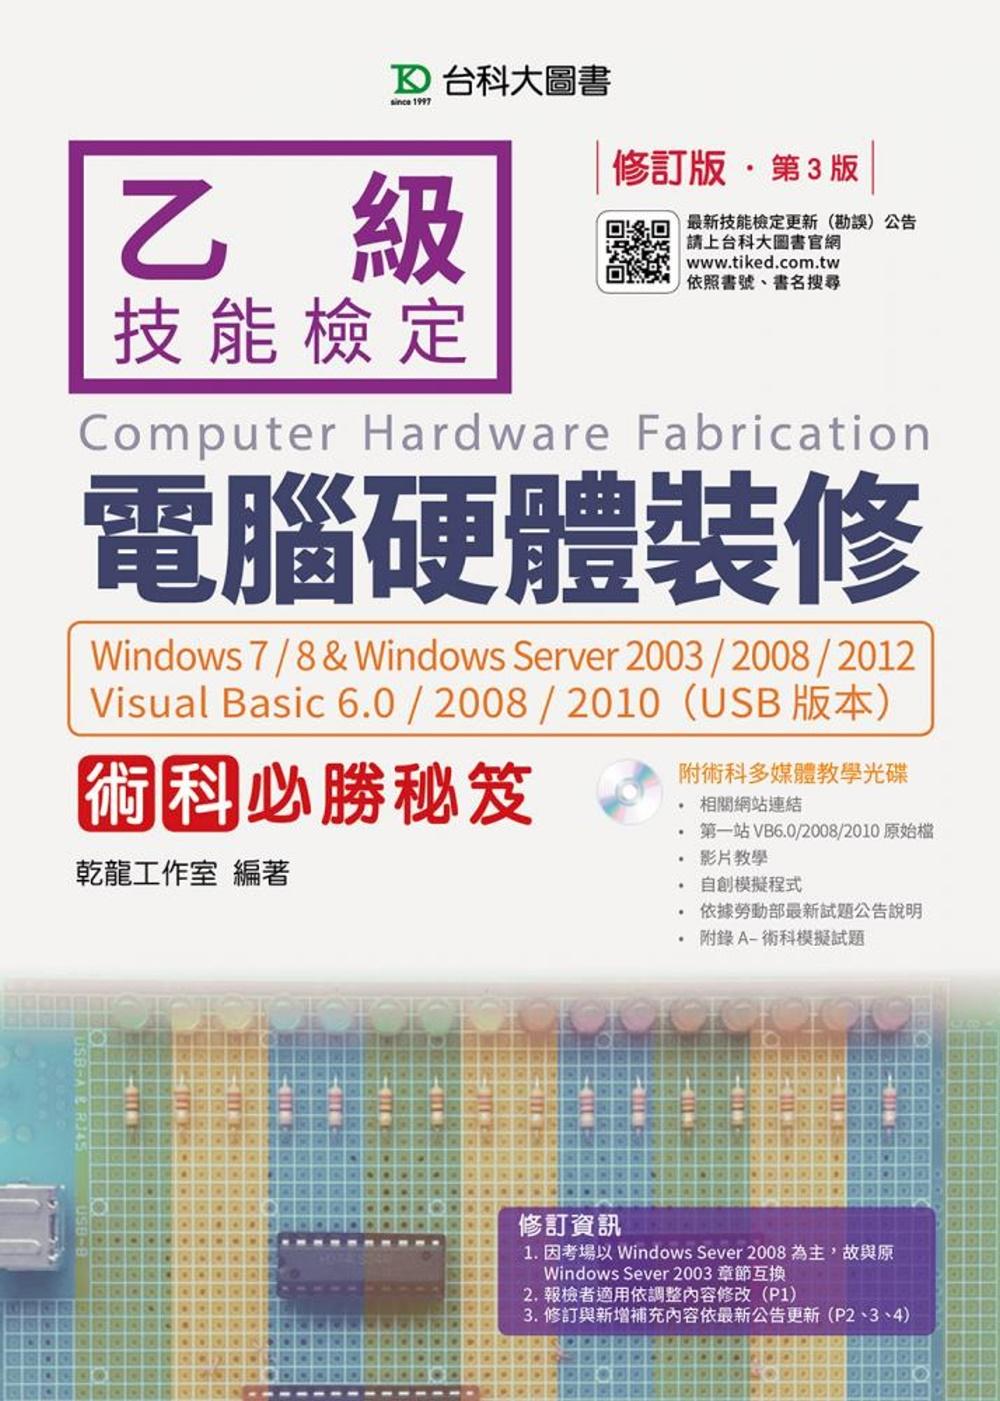 乙級電腦硬體裝修術科必勝秘笈Windows 7/8 & Windows Server 2003/2008/2012 Visual Basic 6.0/2008/2010(USB版本)附術科多媒體教學光碟 - 修訂版(第三版)